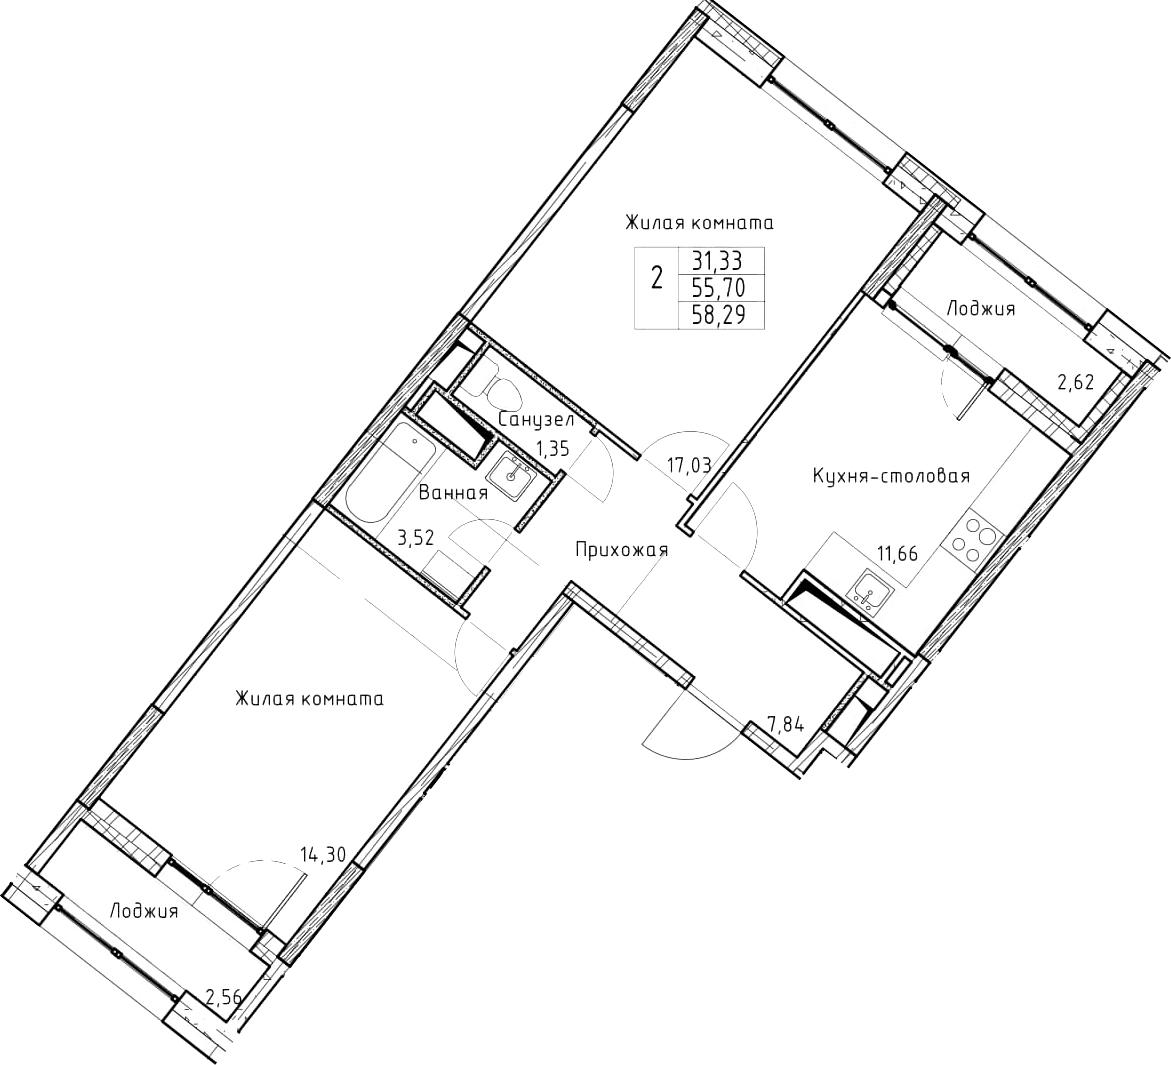 2-к.кв, 58.29 м², 6 этаж